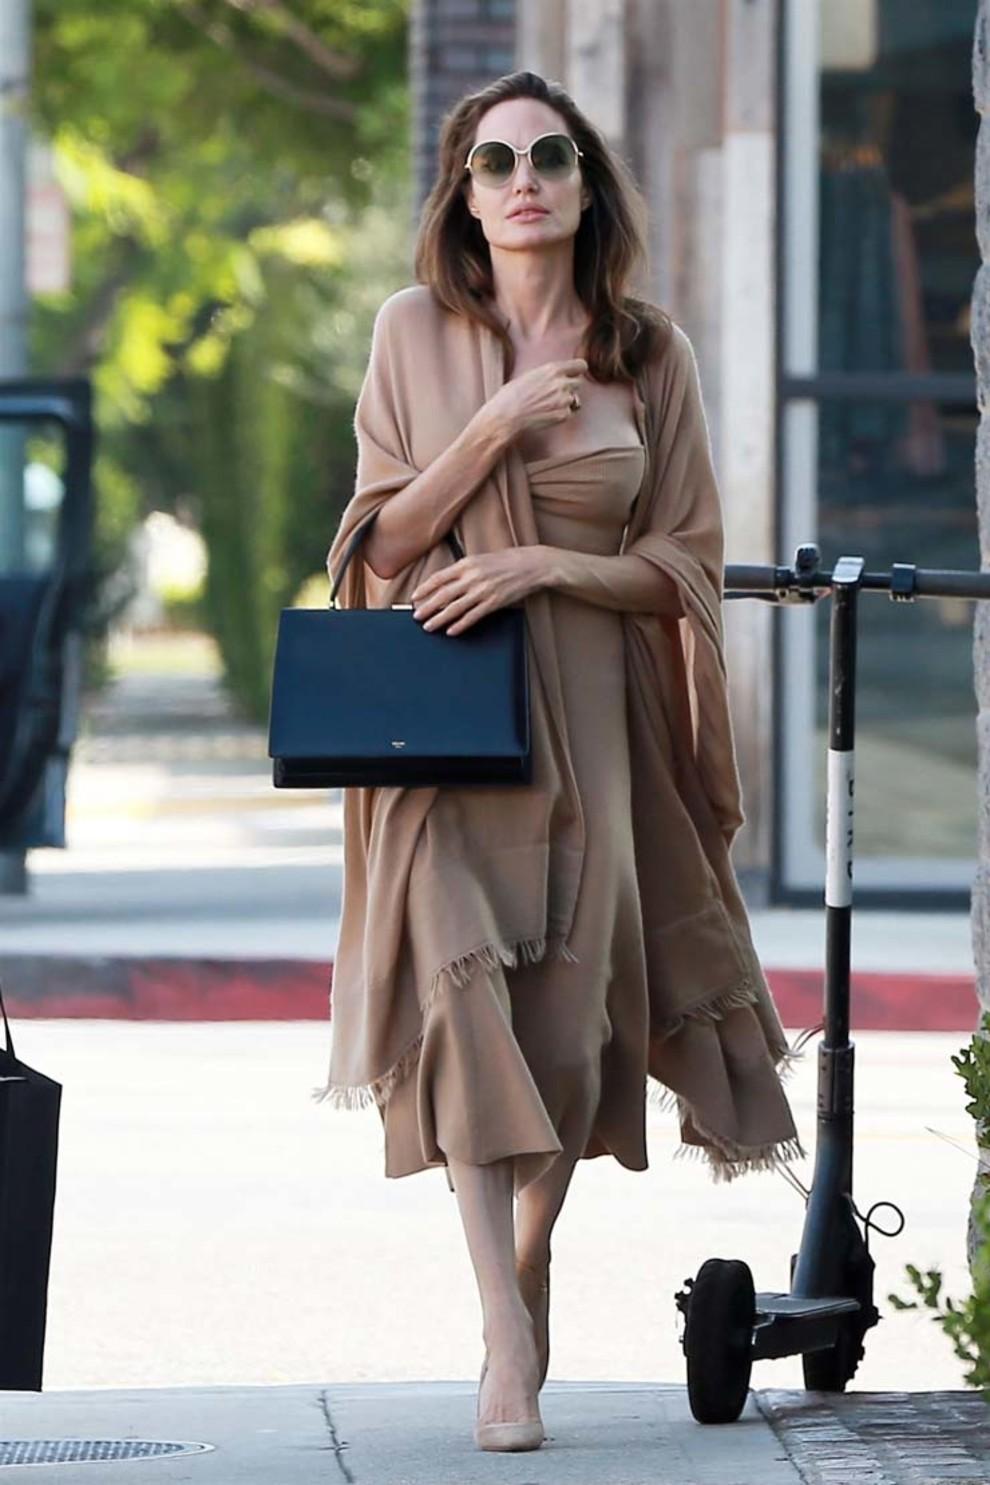 5b83cfc2c4053 - Свежий взгляд на стиль Анджелины Джоли: скука, или современный пуризм